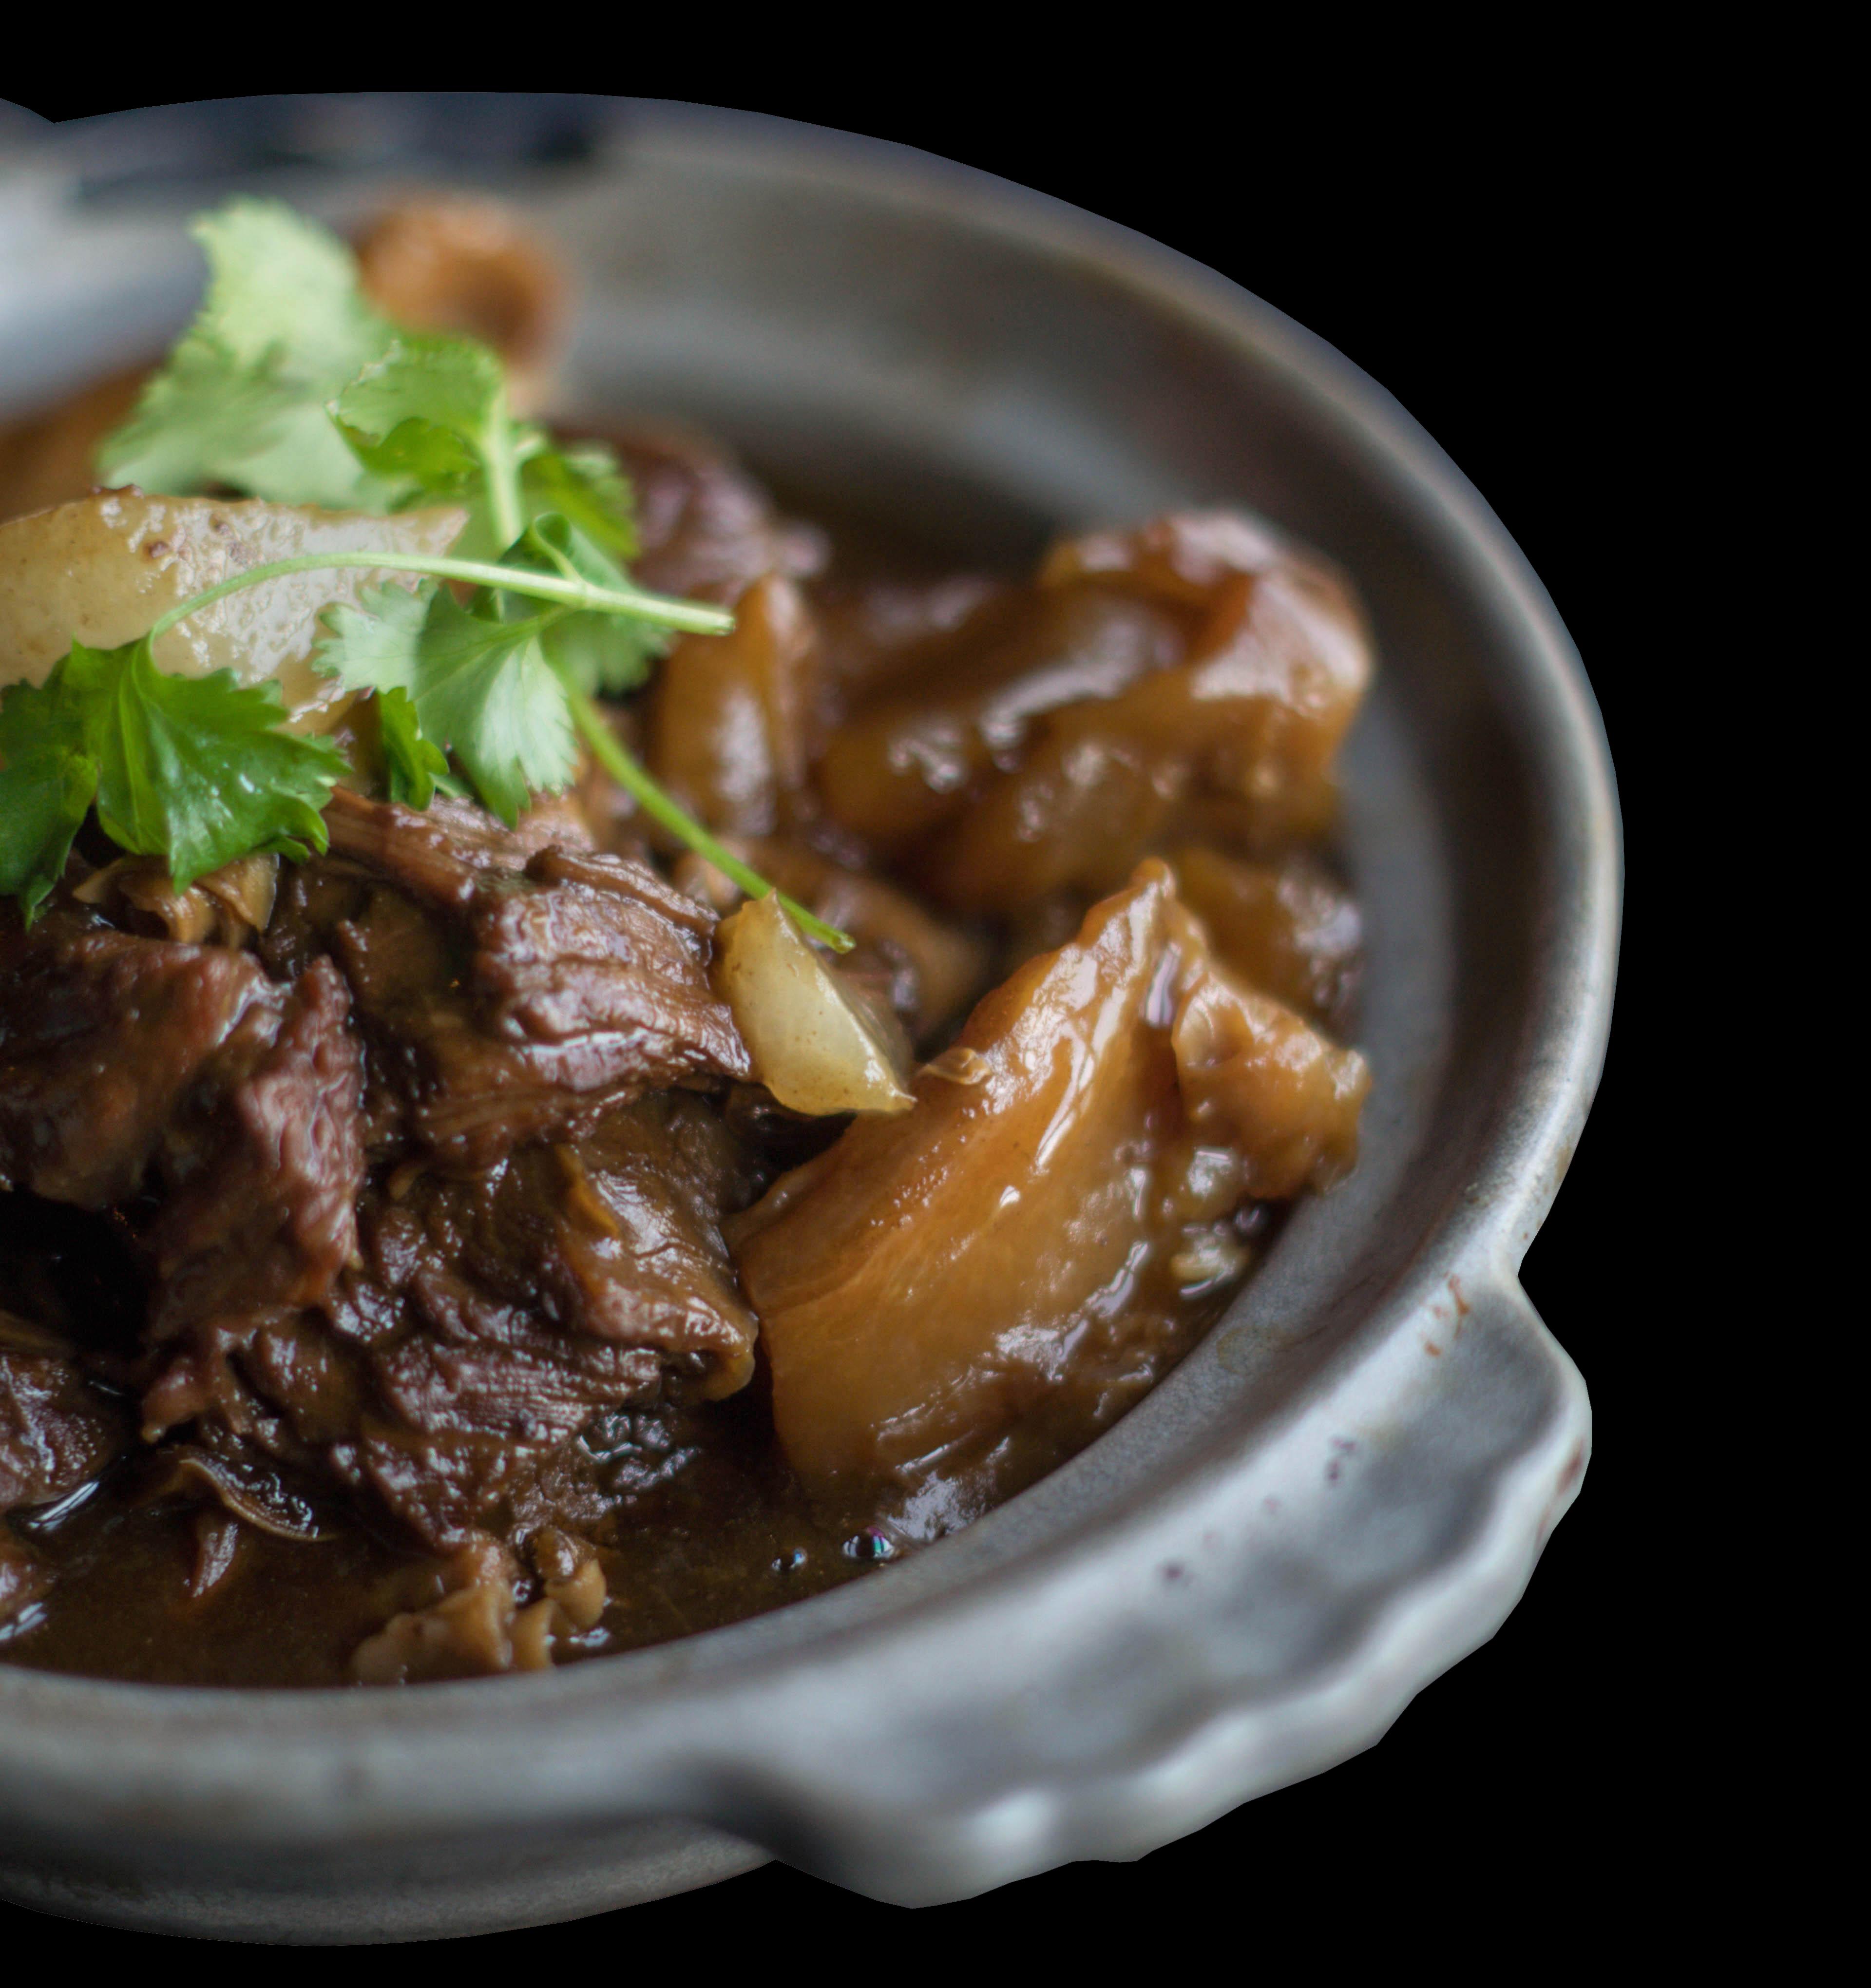 94. 牛腩焖 萝卜 Stewed Beef Brisket w/ Radish Image